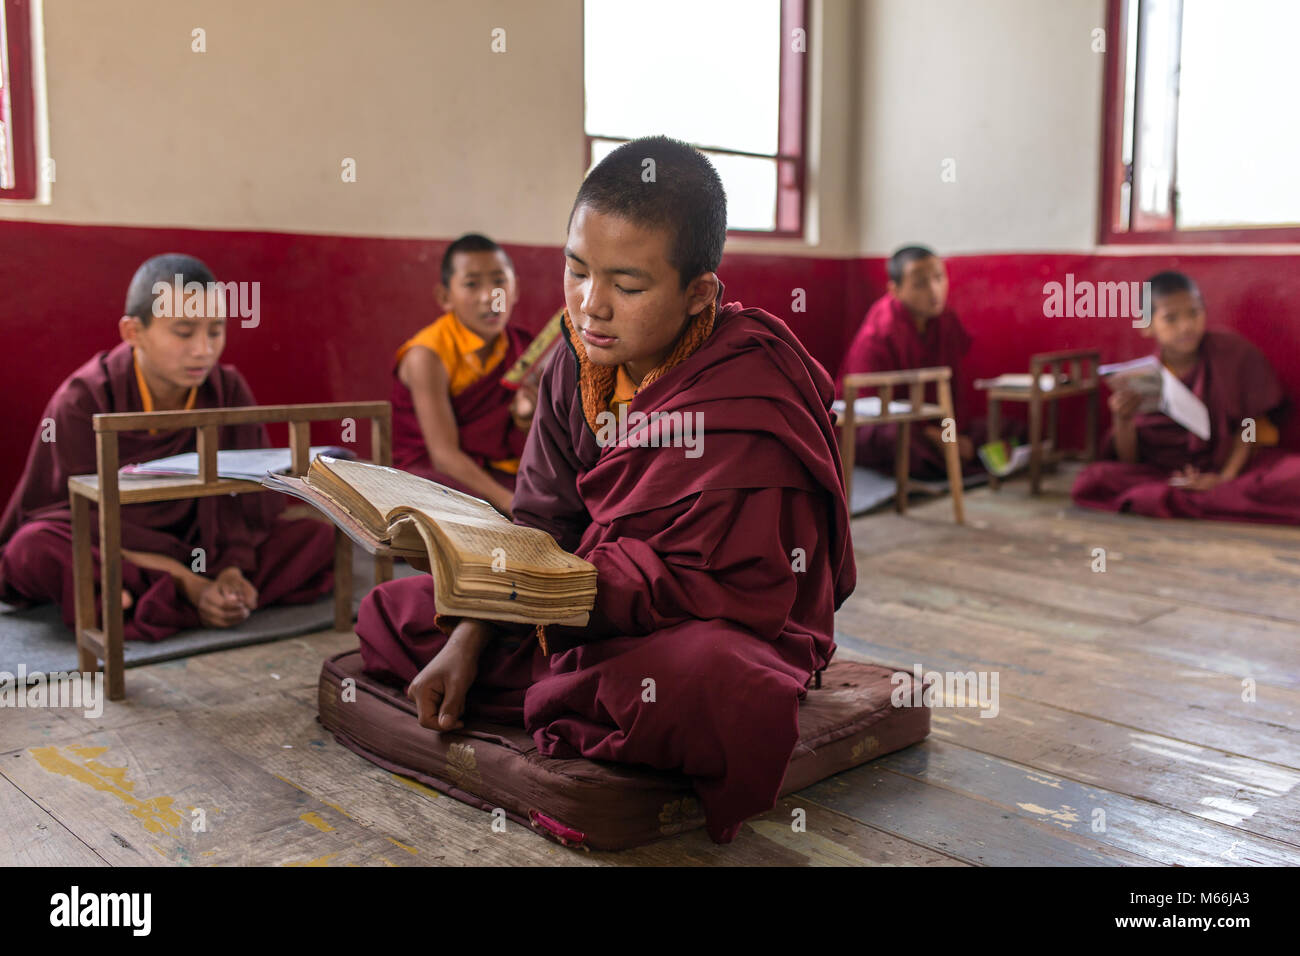 Gangtok, India - 3 Maggio 2017: lezione per il debuttante i monaci buddisti monastero Tsuglakhang in Gangtok, India Immagini Stock